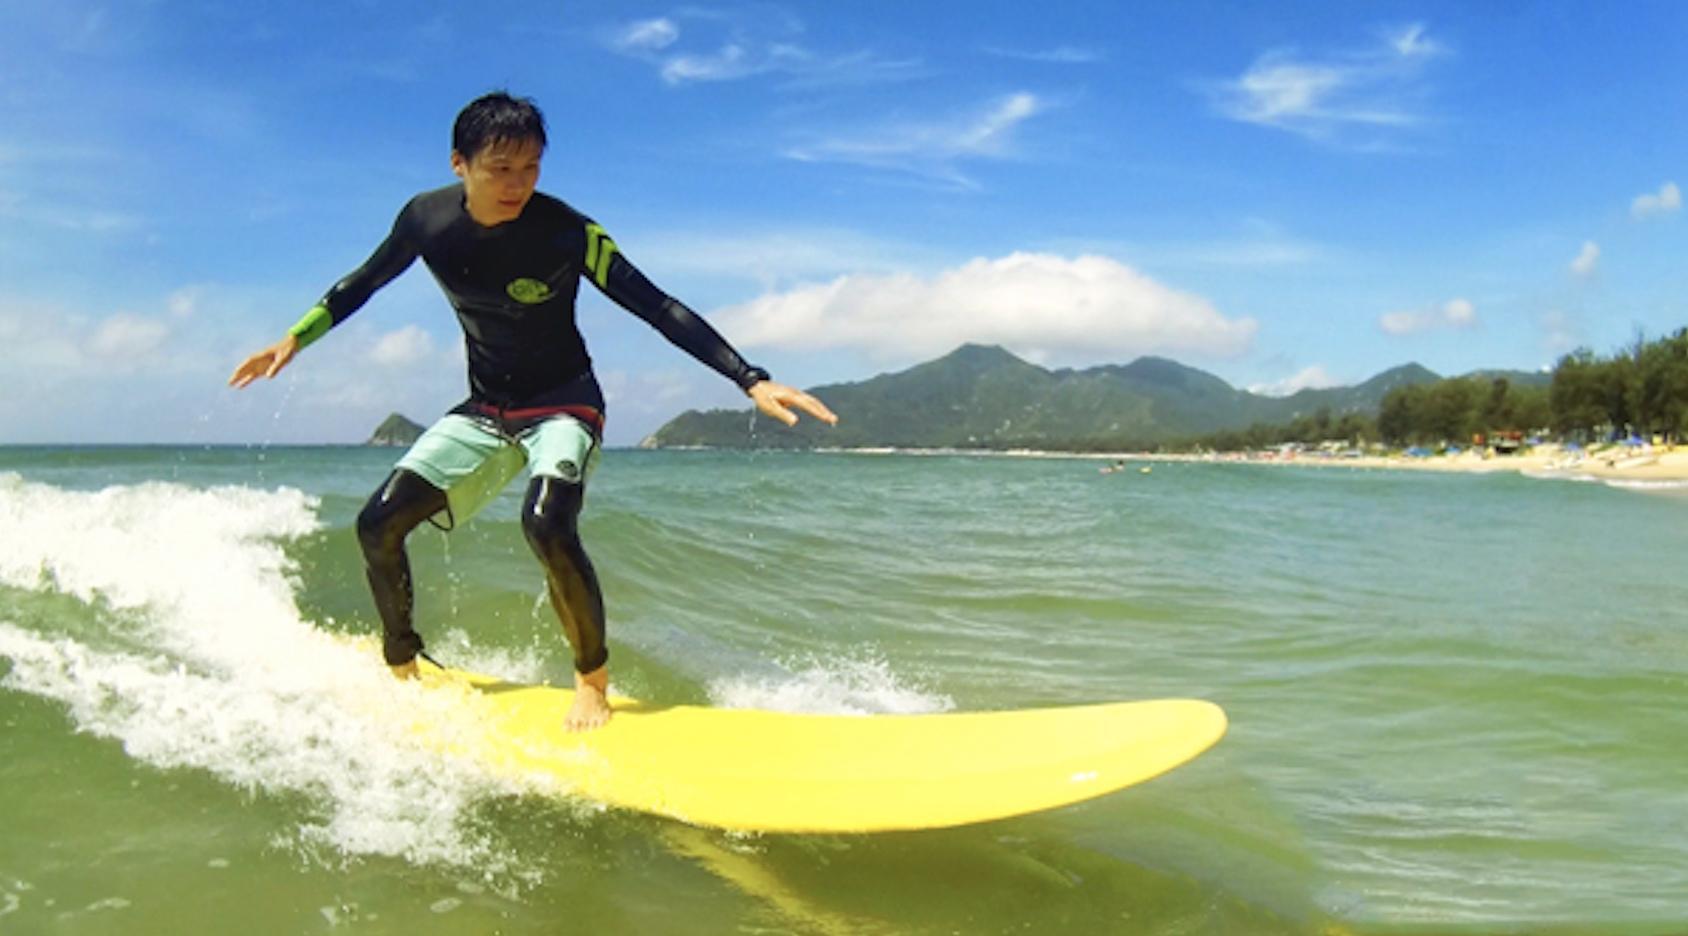 第一次零基础学习冲浪就可以站在冲浪板上